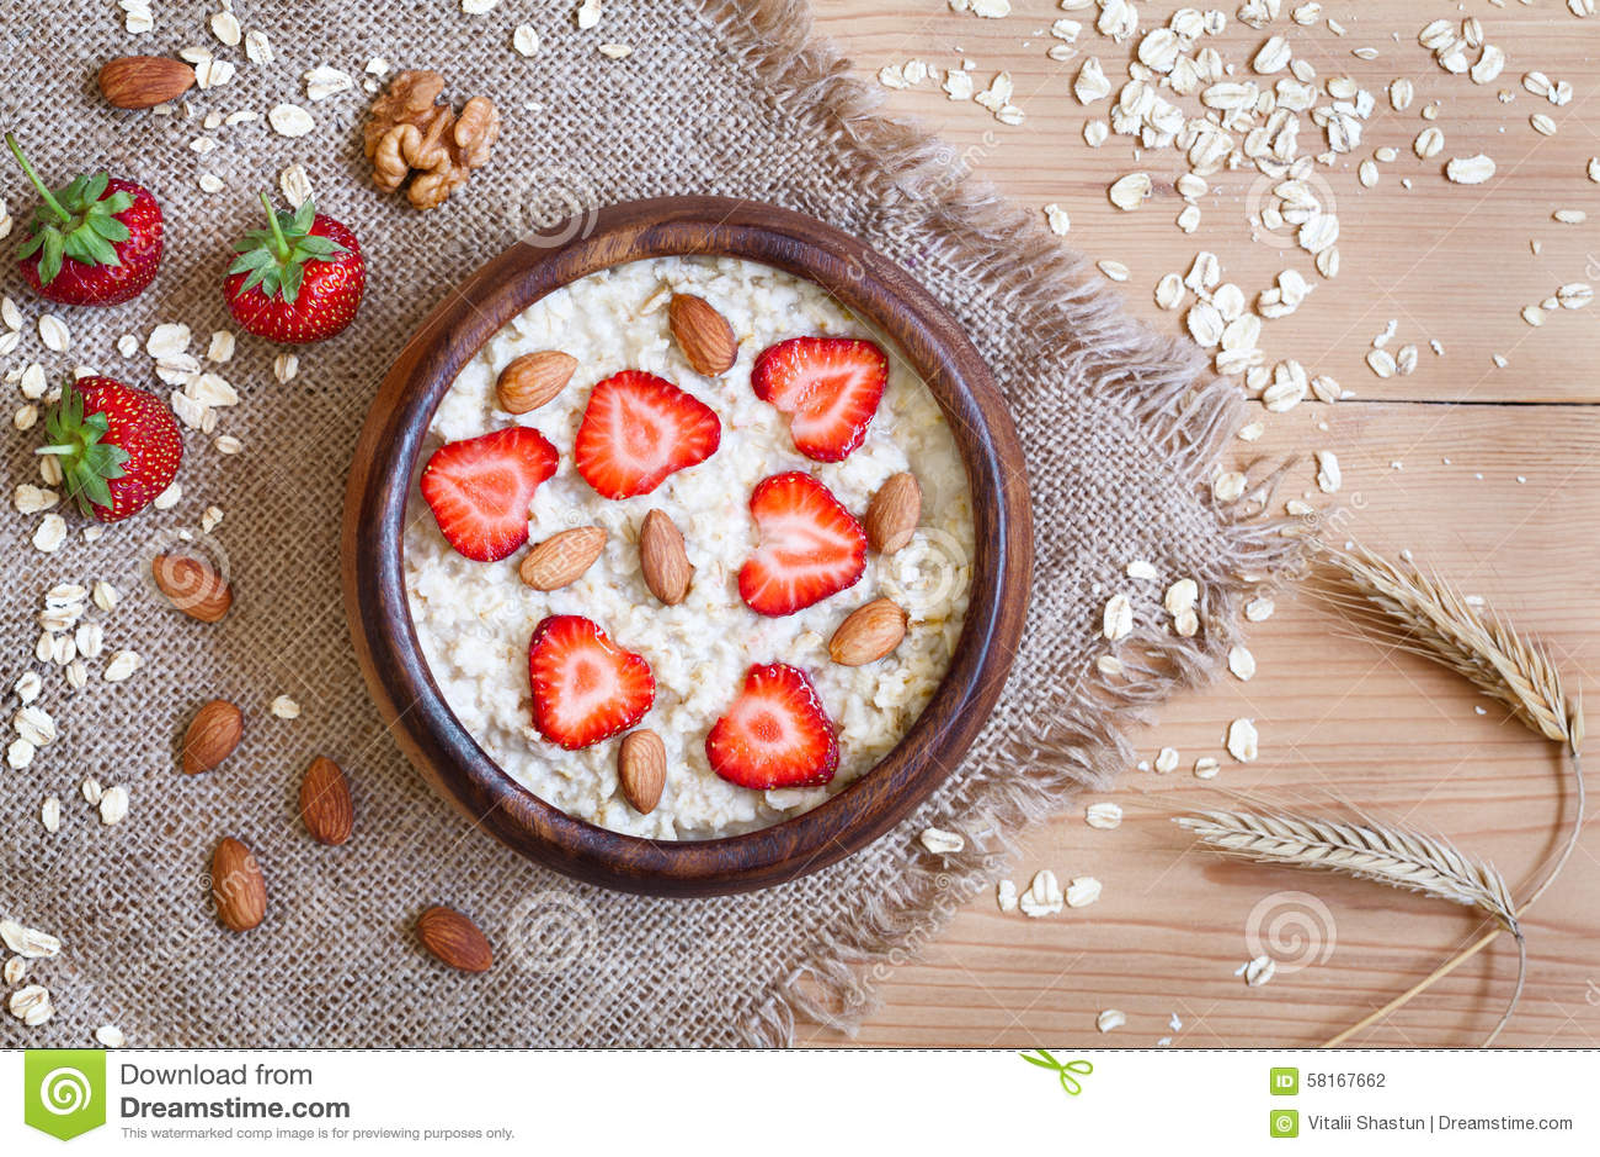 Zdrowy śniadaniowy oatmeal owsianki diety nutririon